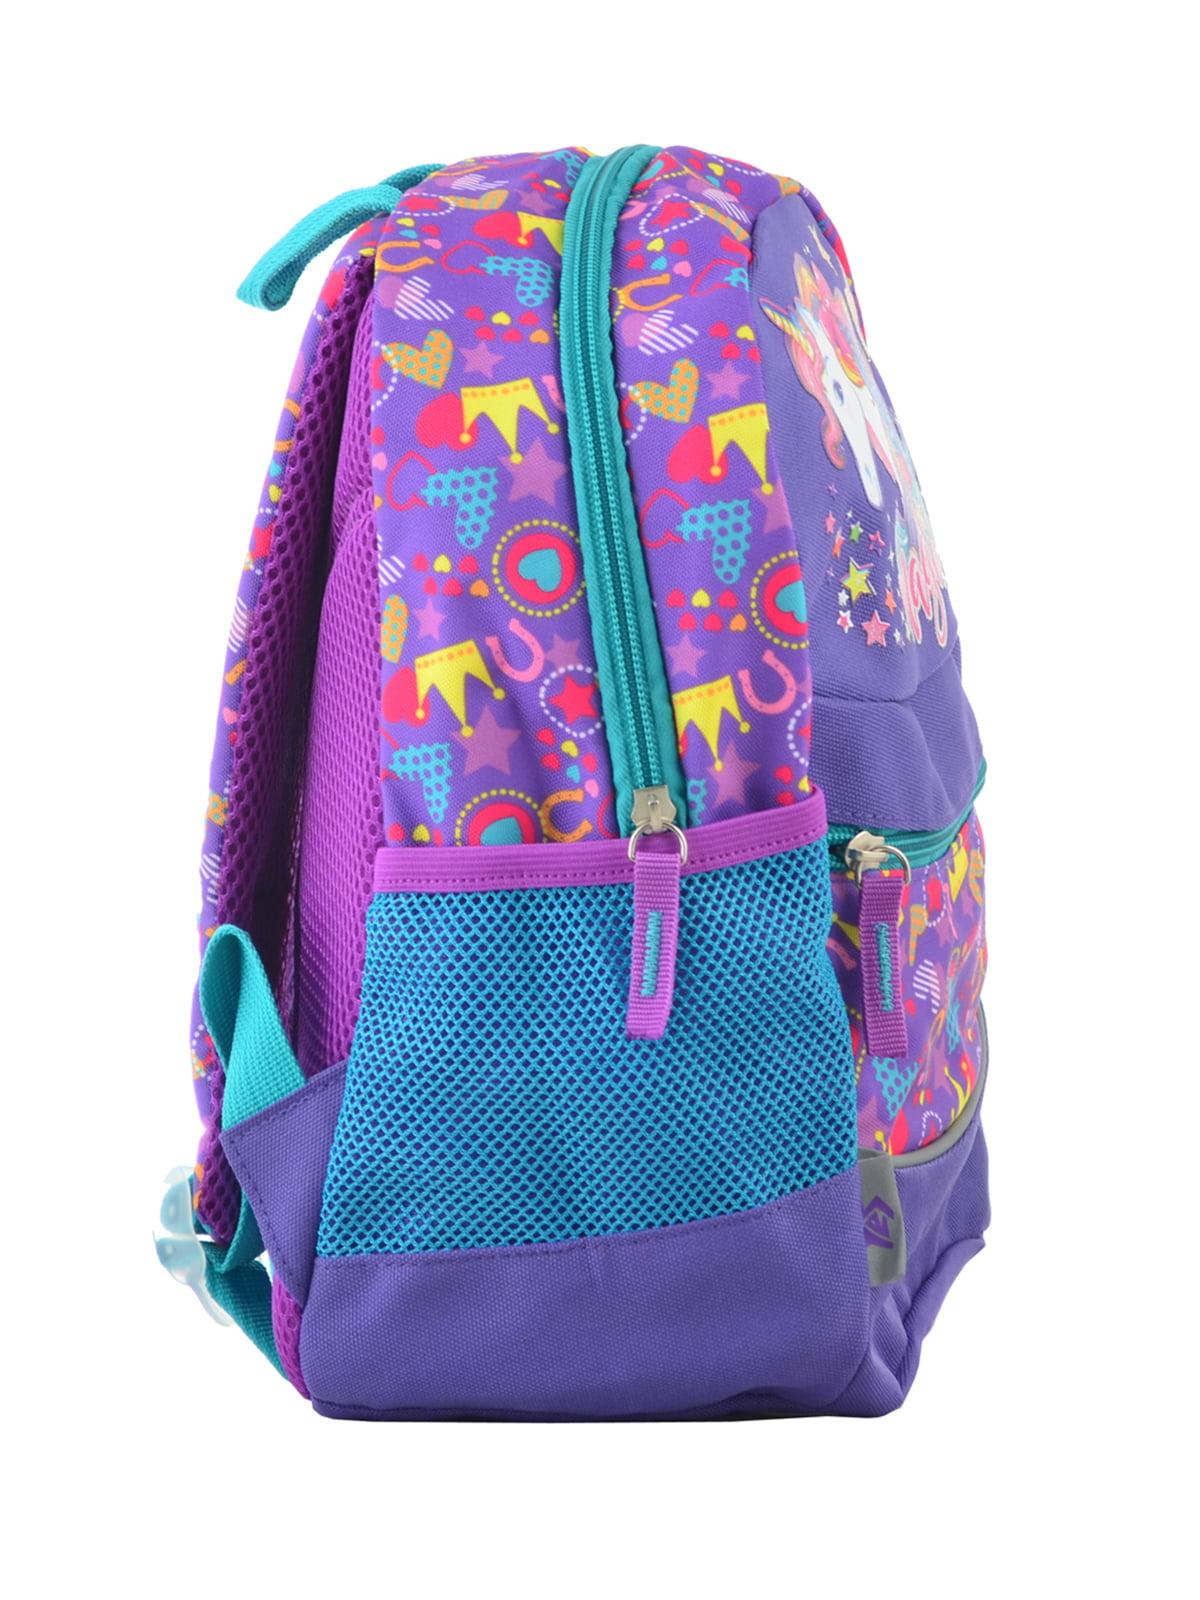 Рюкзак дитячий фіолетовий в принт | 4235676 | фото 2